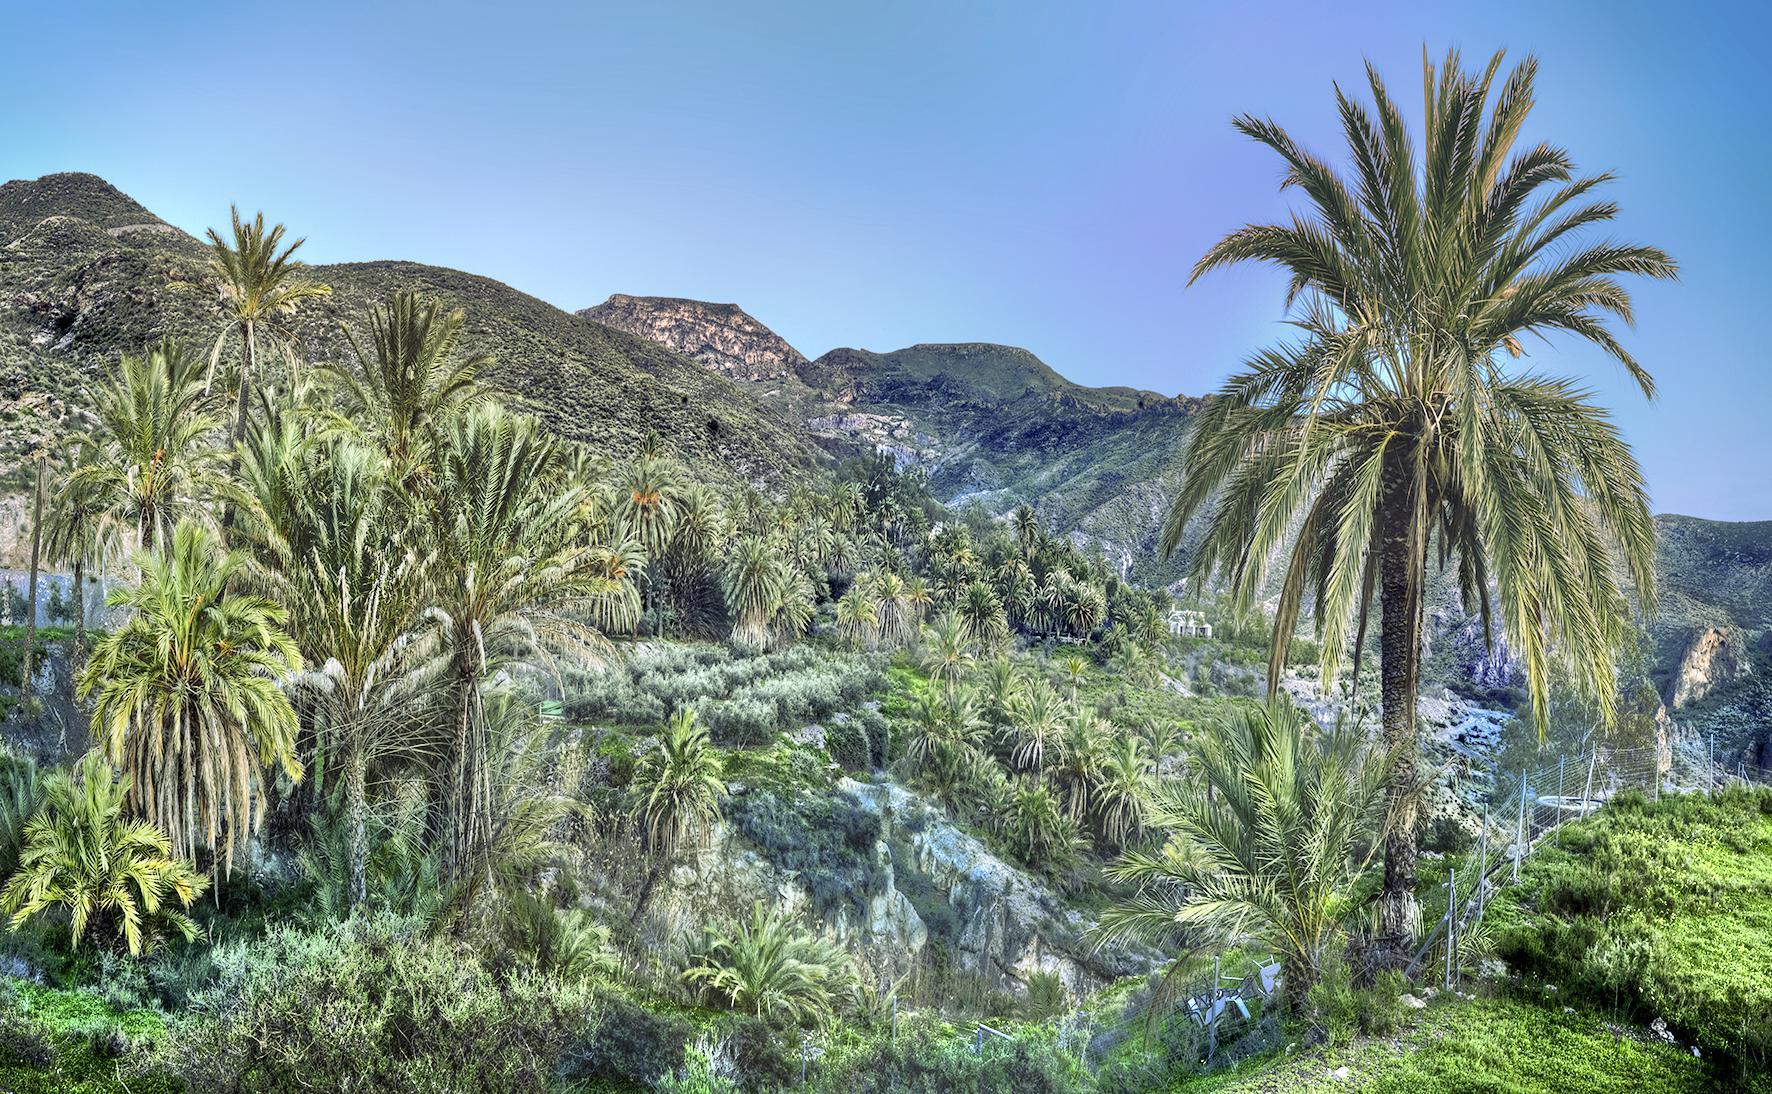 Sierra Alhamilla